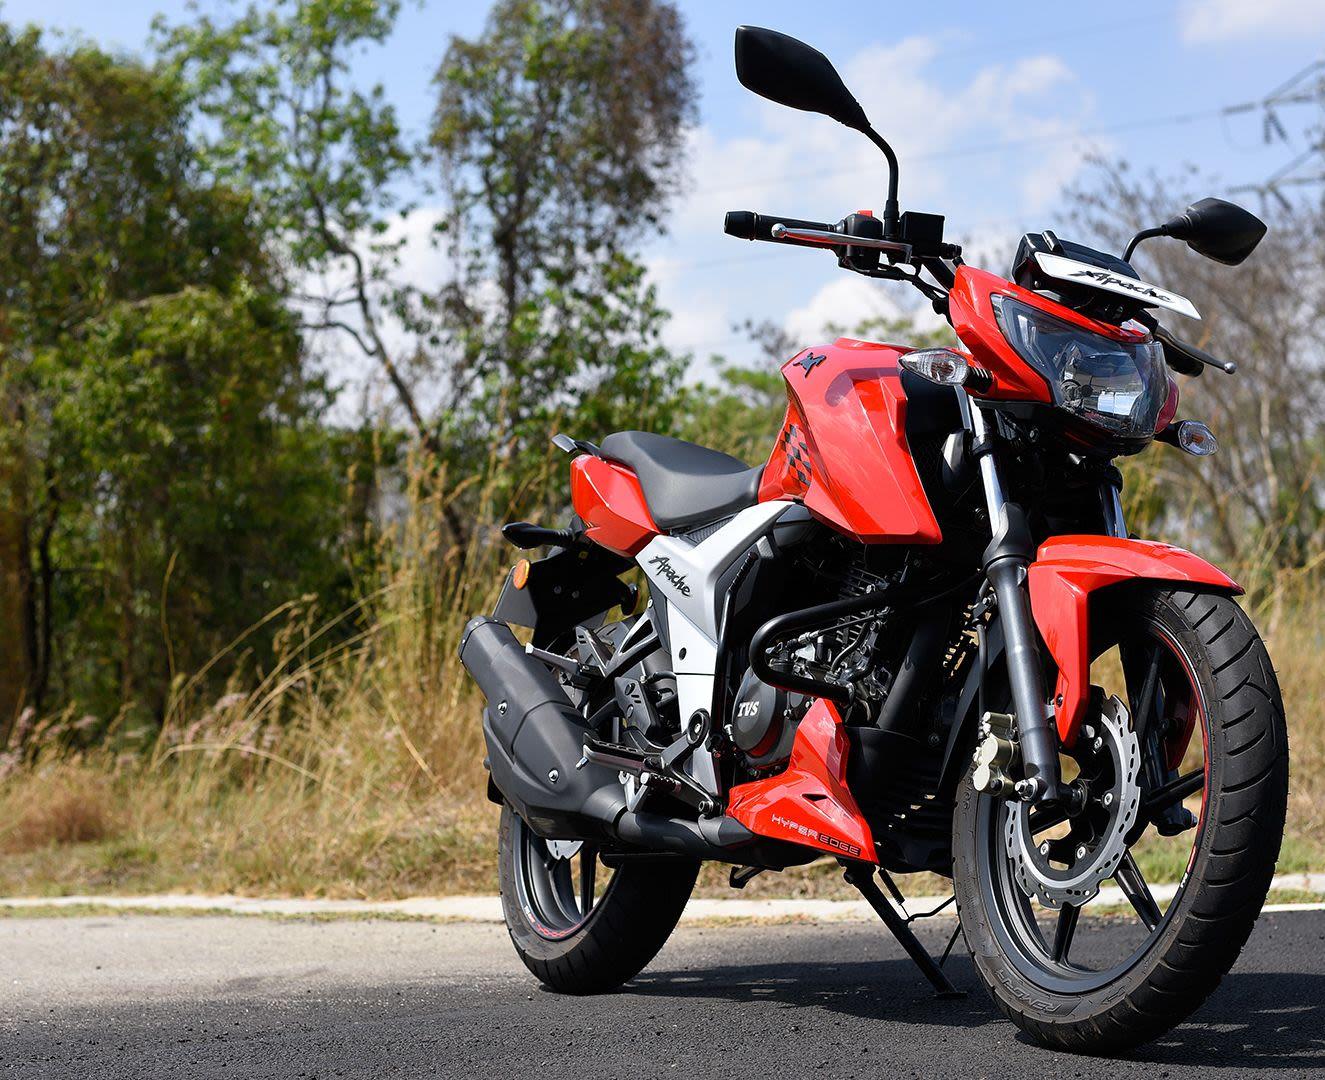 Apache Rtr 160 on Rent in Dehradun. Bike Rental Dehradun.